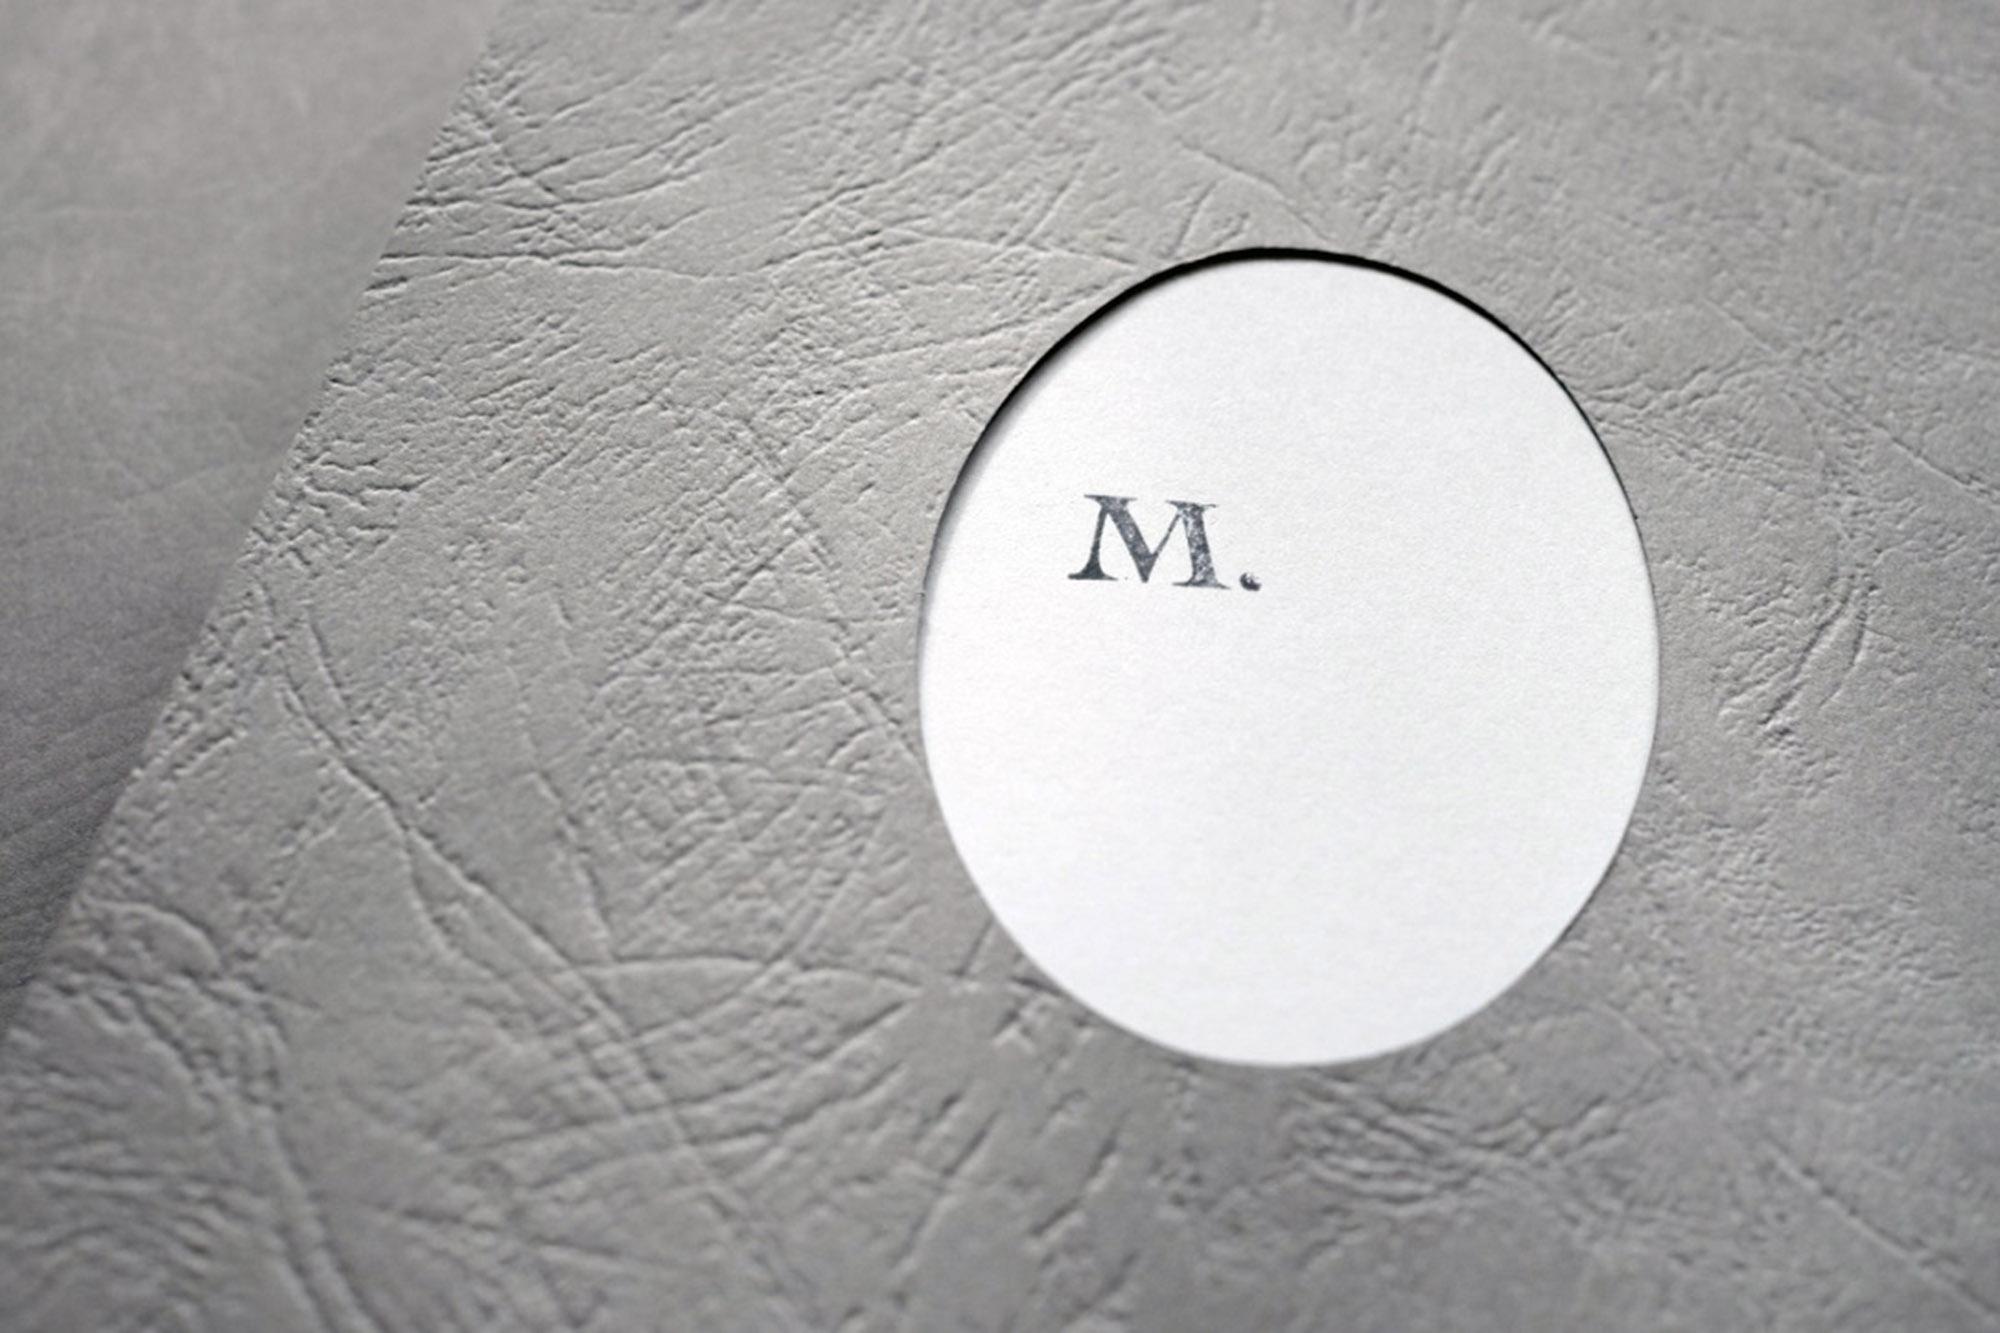 M_book_02.jpg